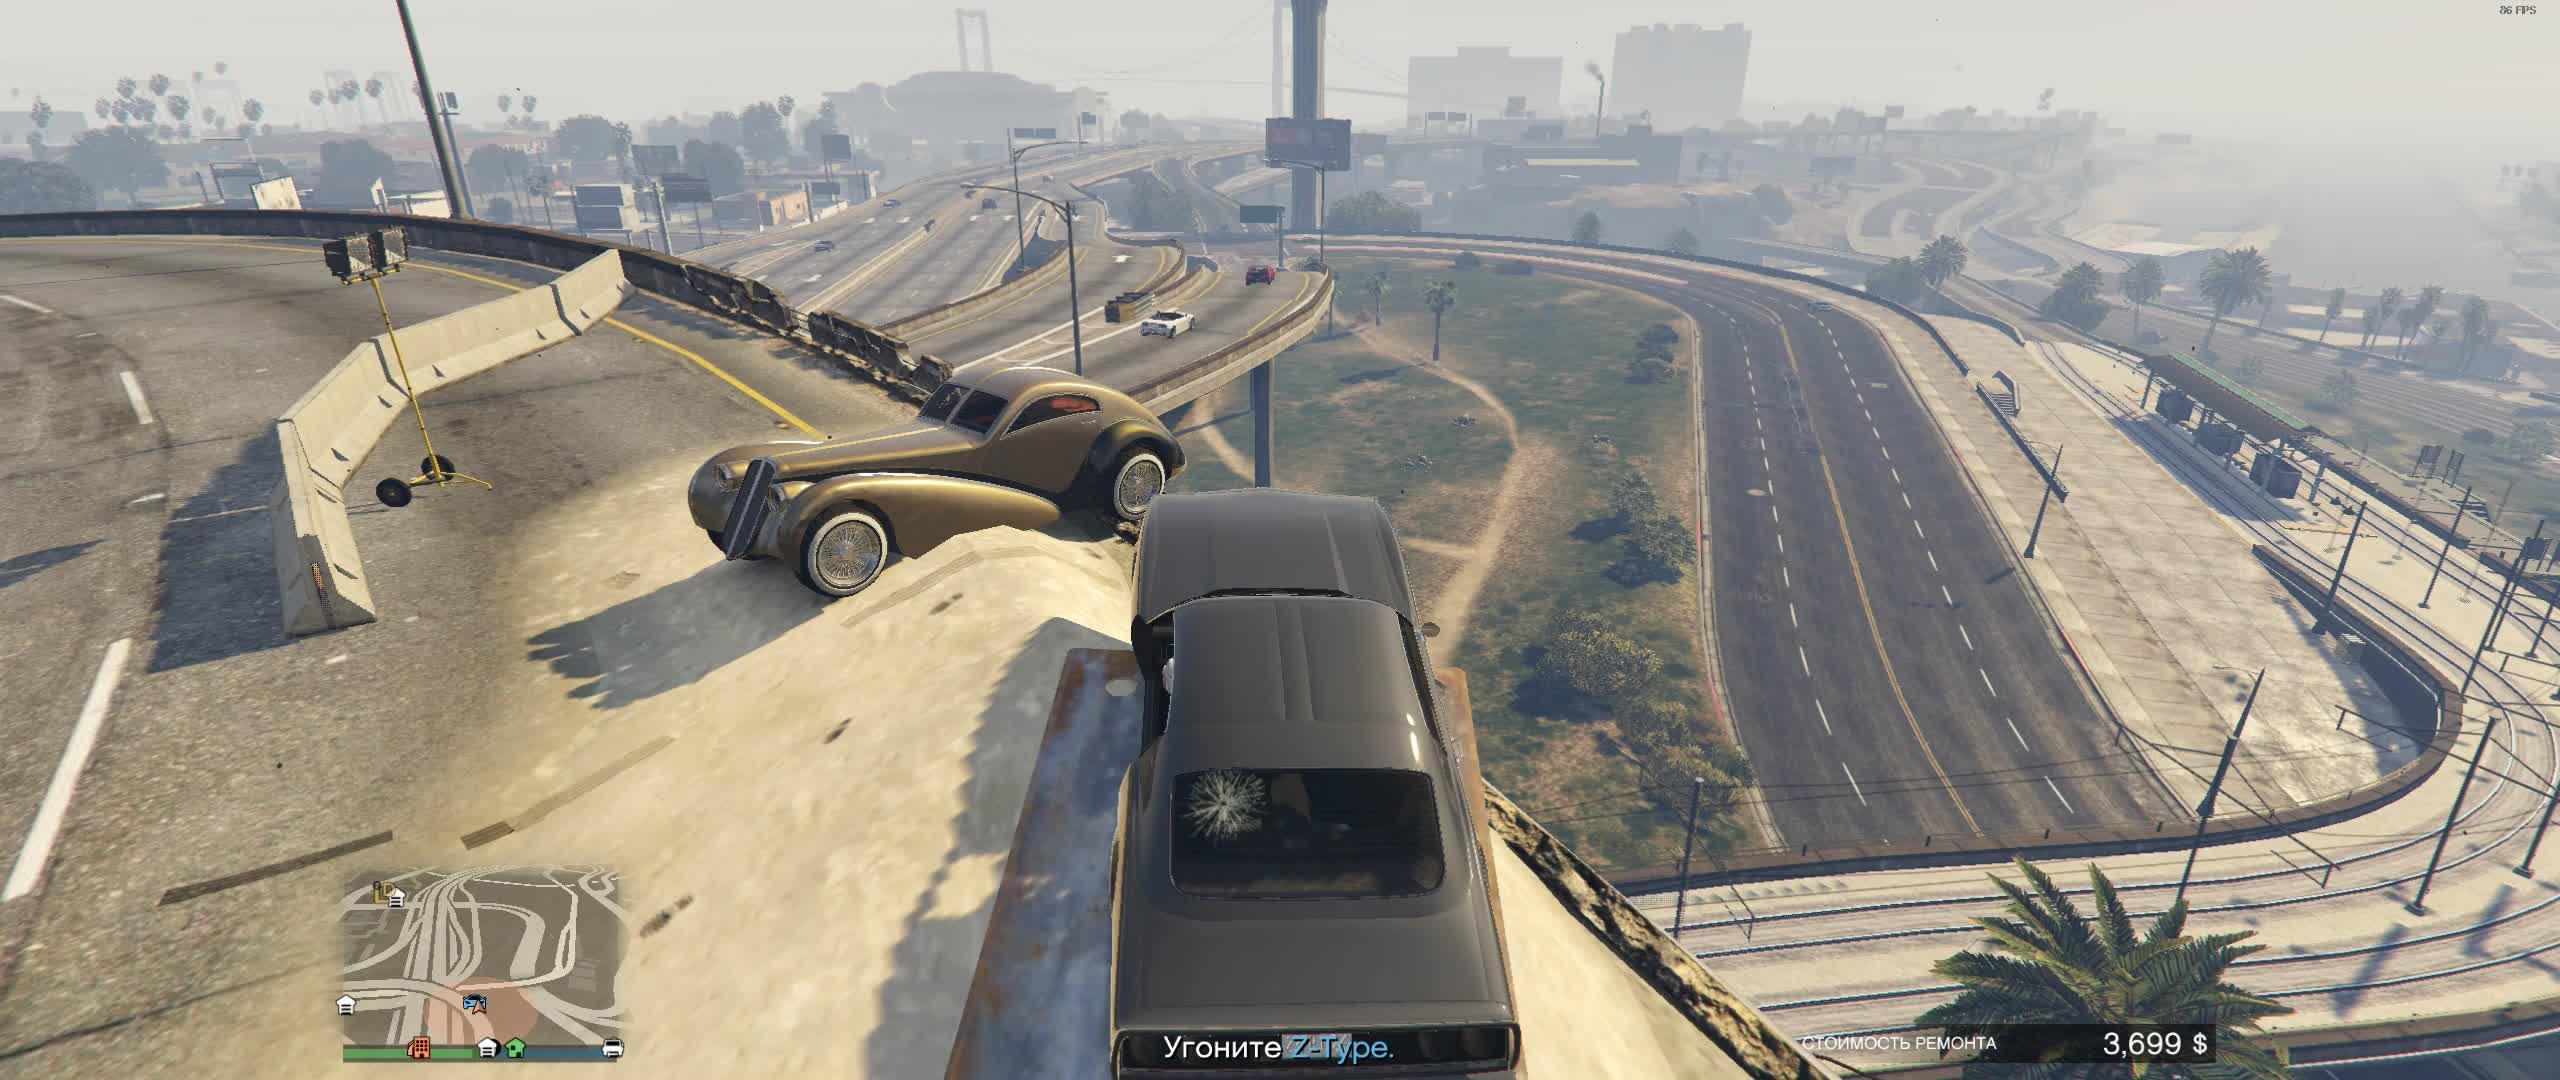 Grand Theft Auto V 08.28.2017 - 11.32.46.02.DVR GIFs